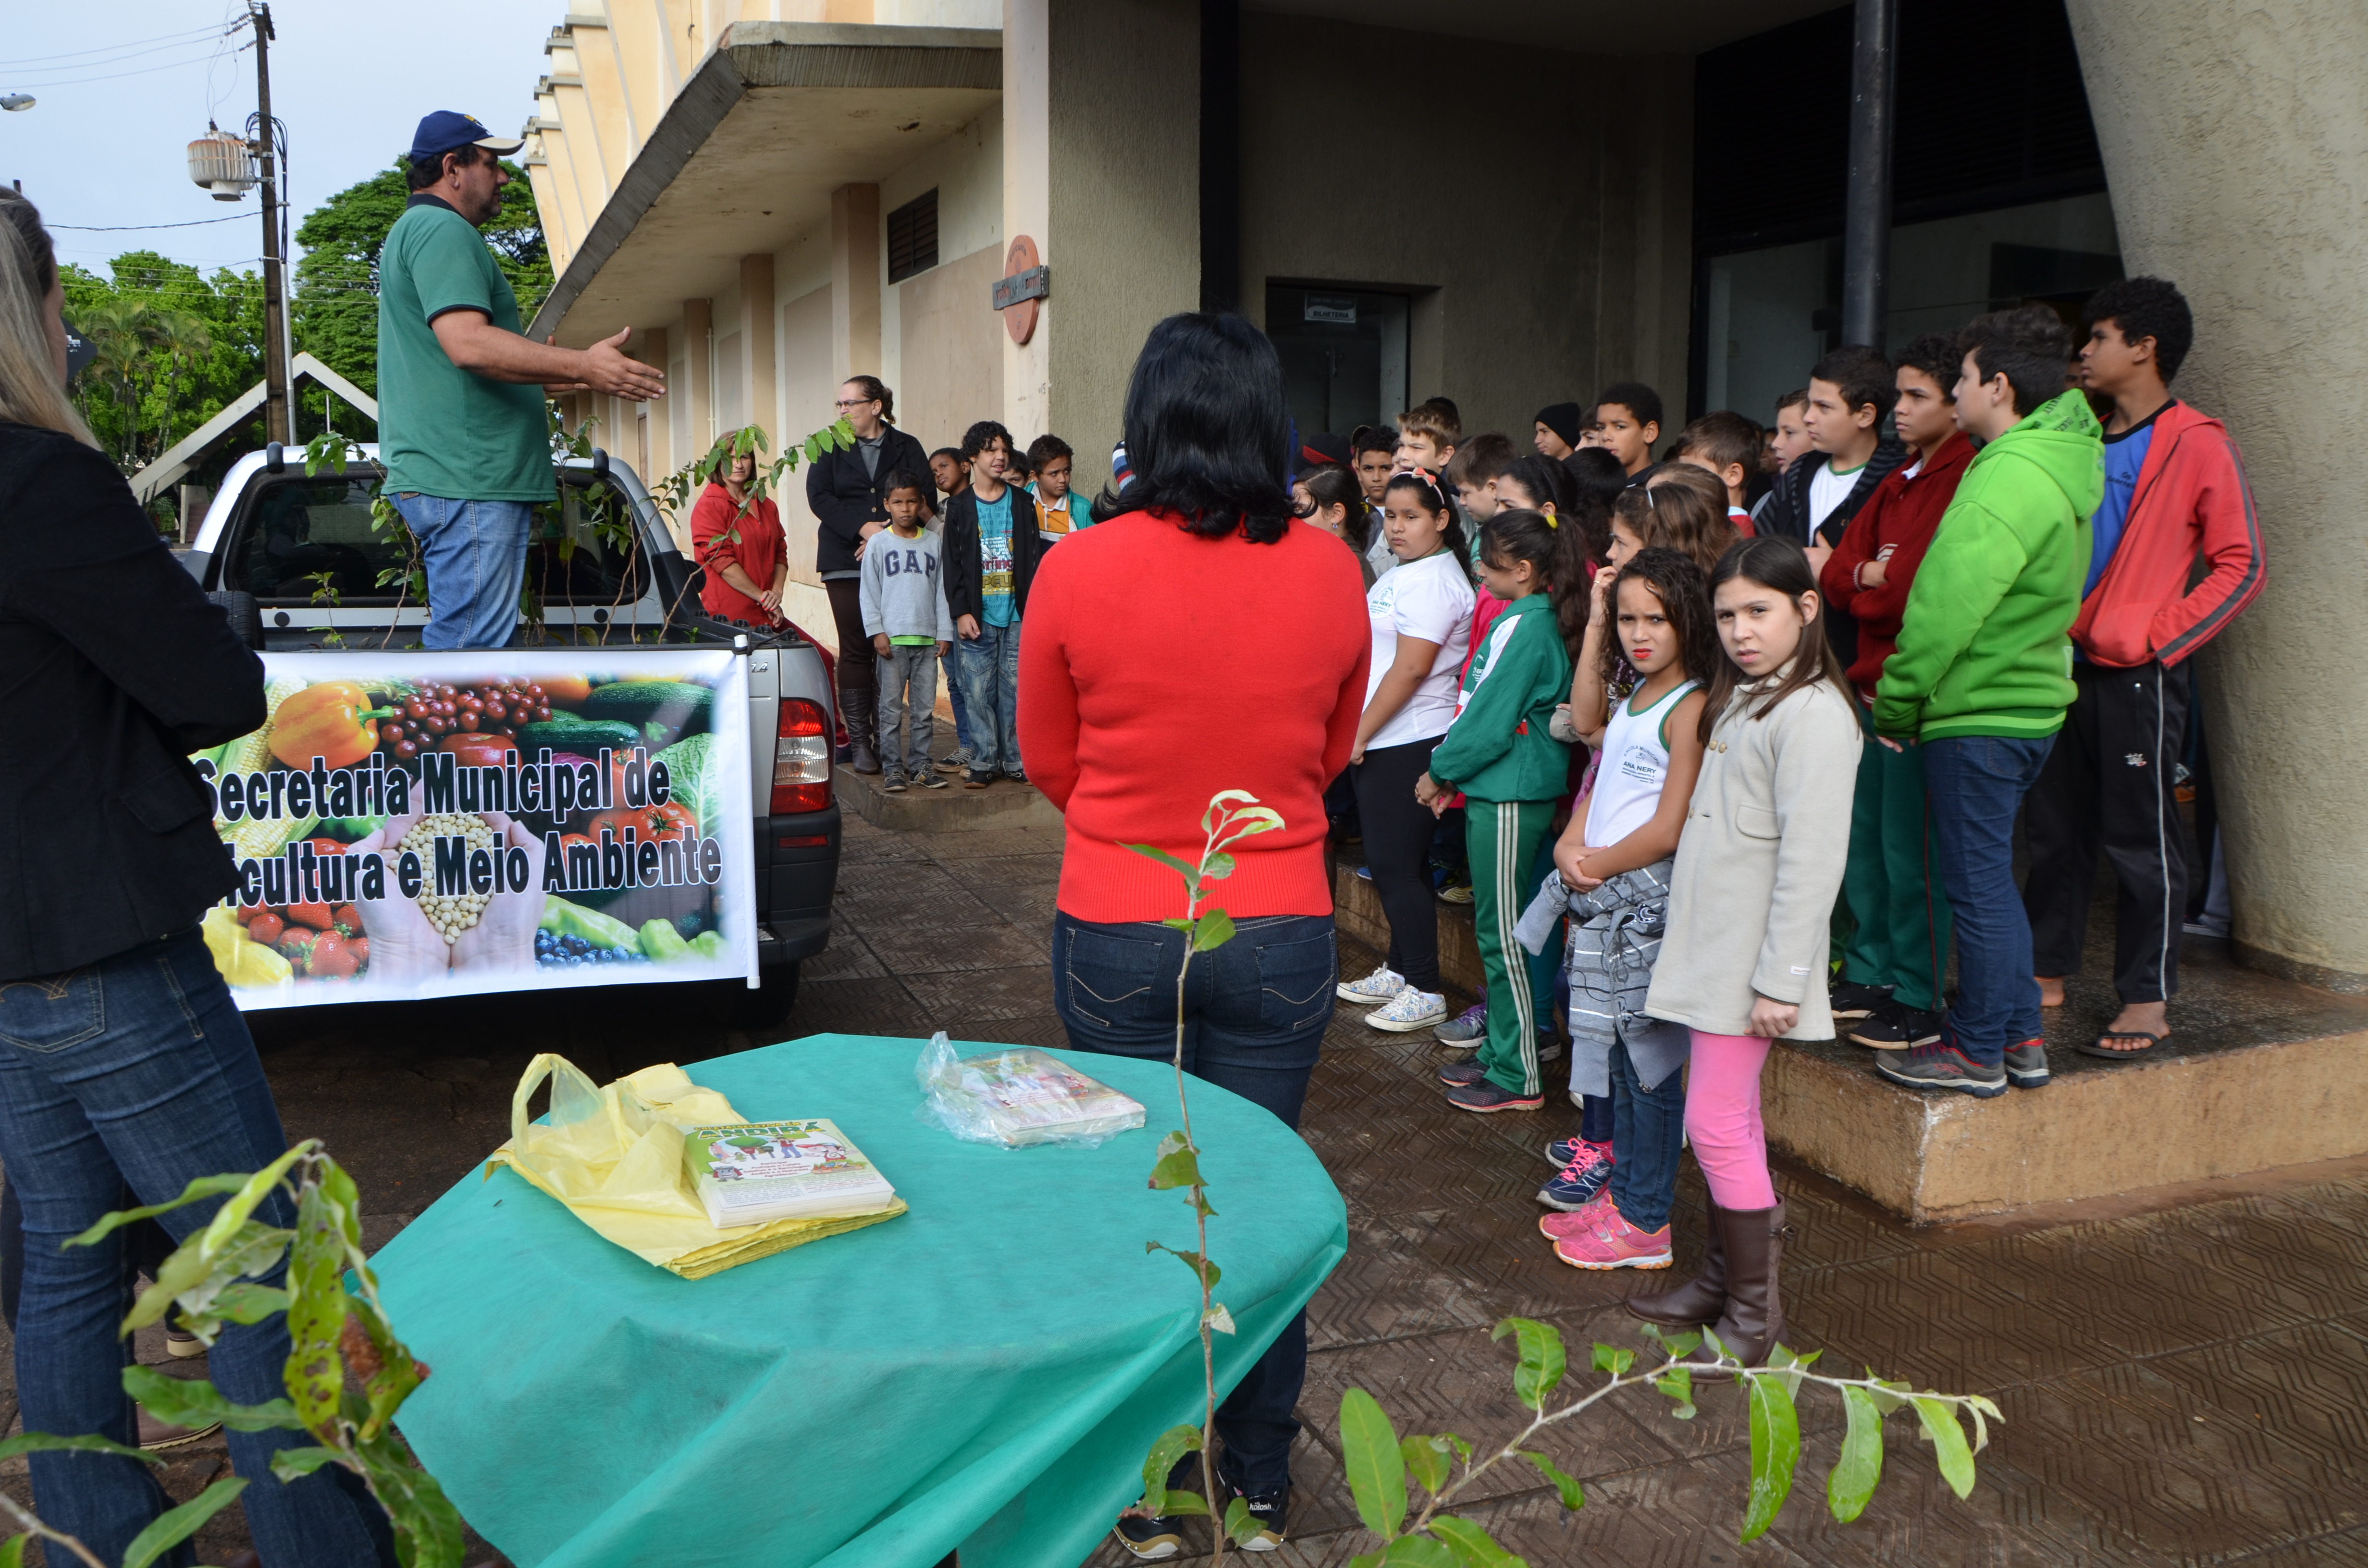 Escola Ana Nery, Projeto Esperança e Secretaria do Meio Ambiente promovem ato de sensibilização em defesa da natureza, nesta segunda